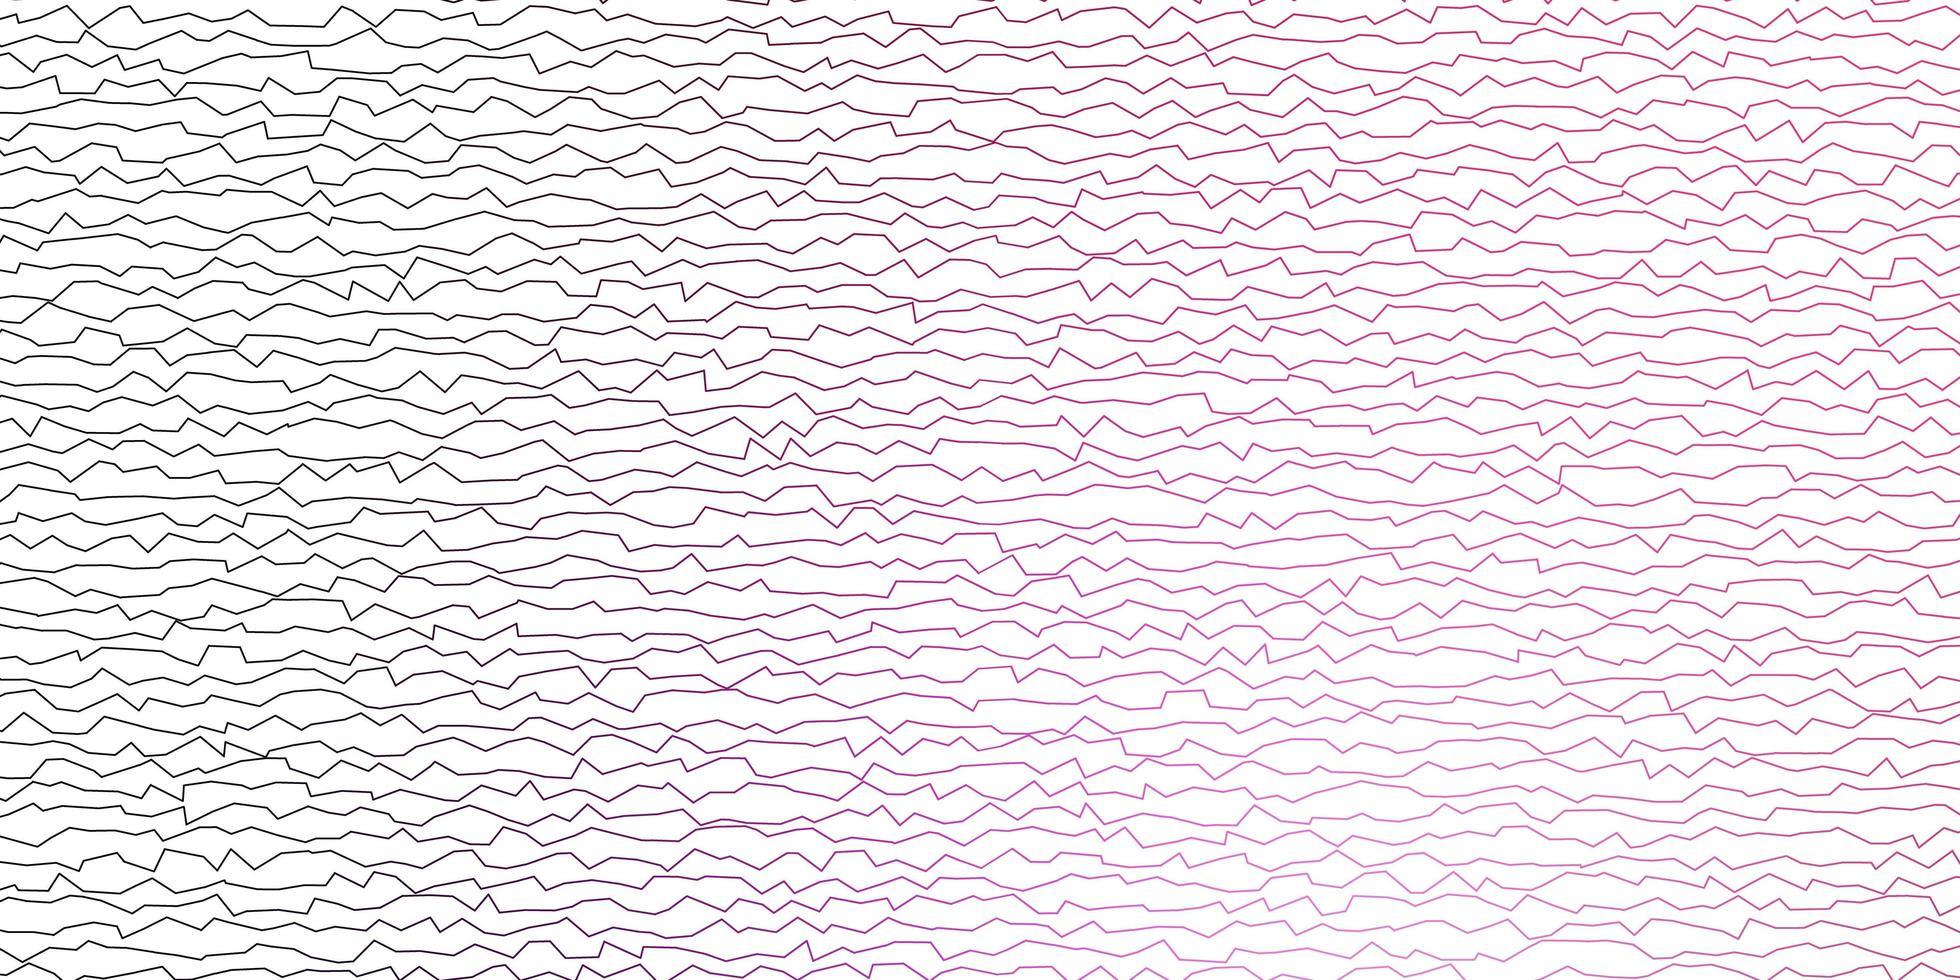 donkerpaarse, roze vectorachtergrond met gebogen lijnen. vector